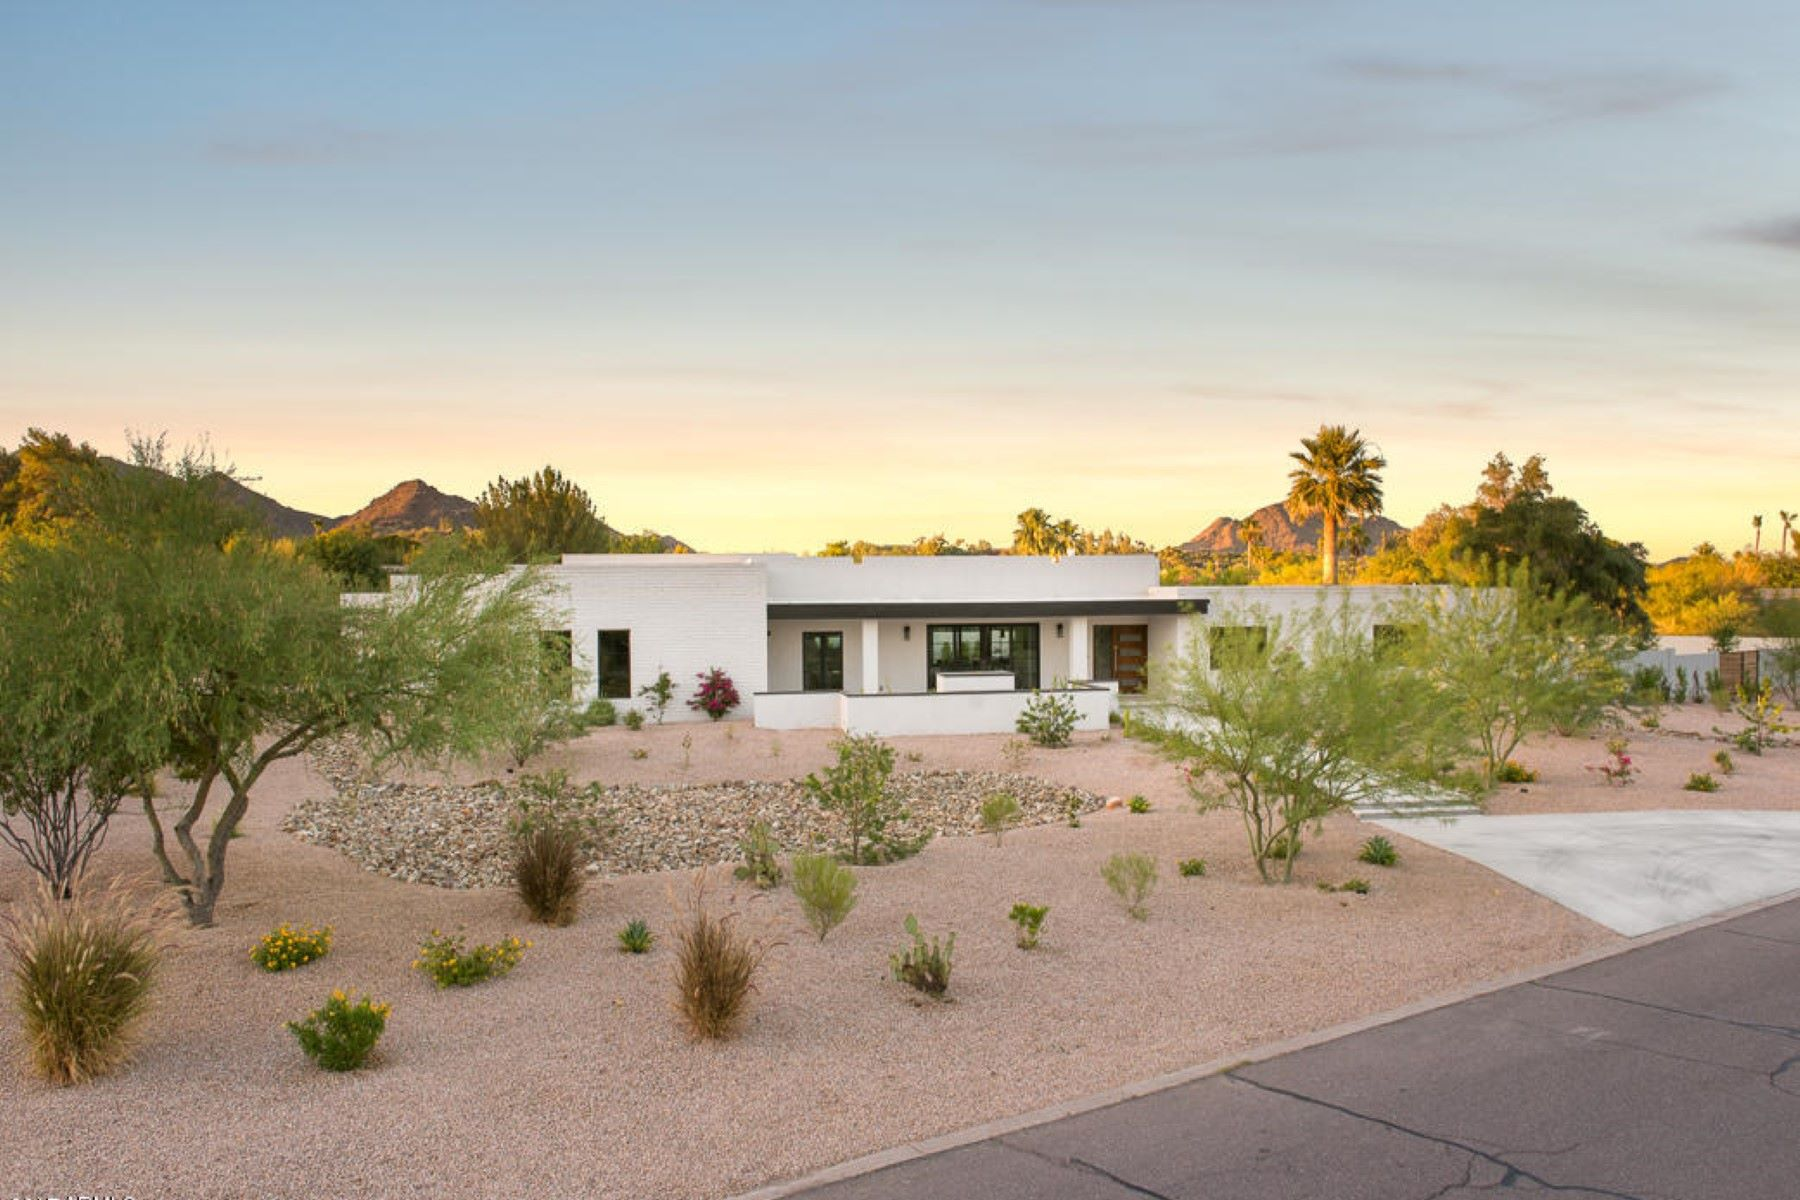 Moradia para Venda às Beautiful contemporary home with stunning views of Camelback Mountain 3902 E Solano Drive Paradise Valley, Arizona, 85253 Estados Unidos